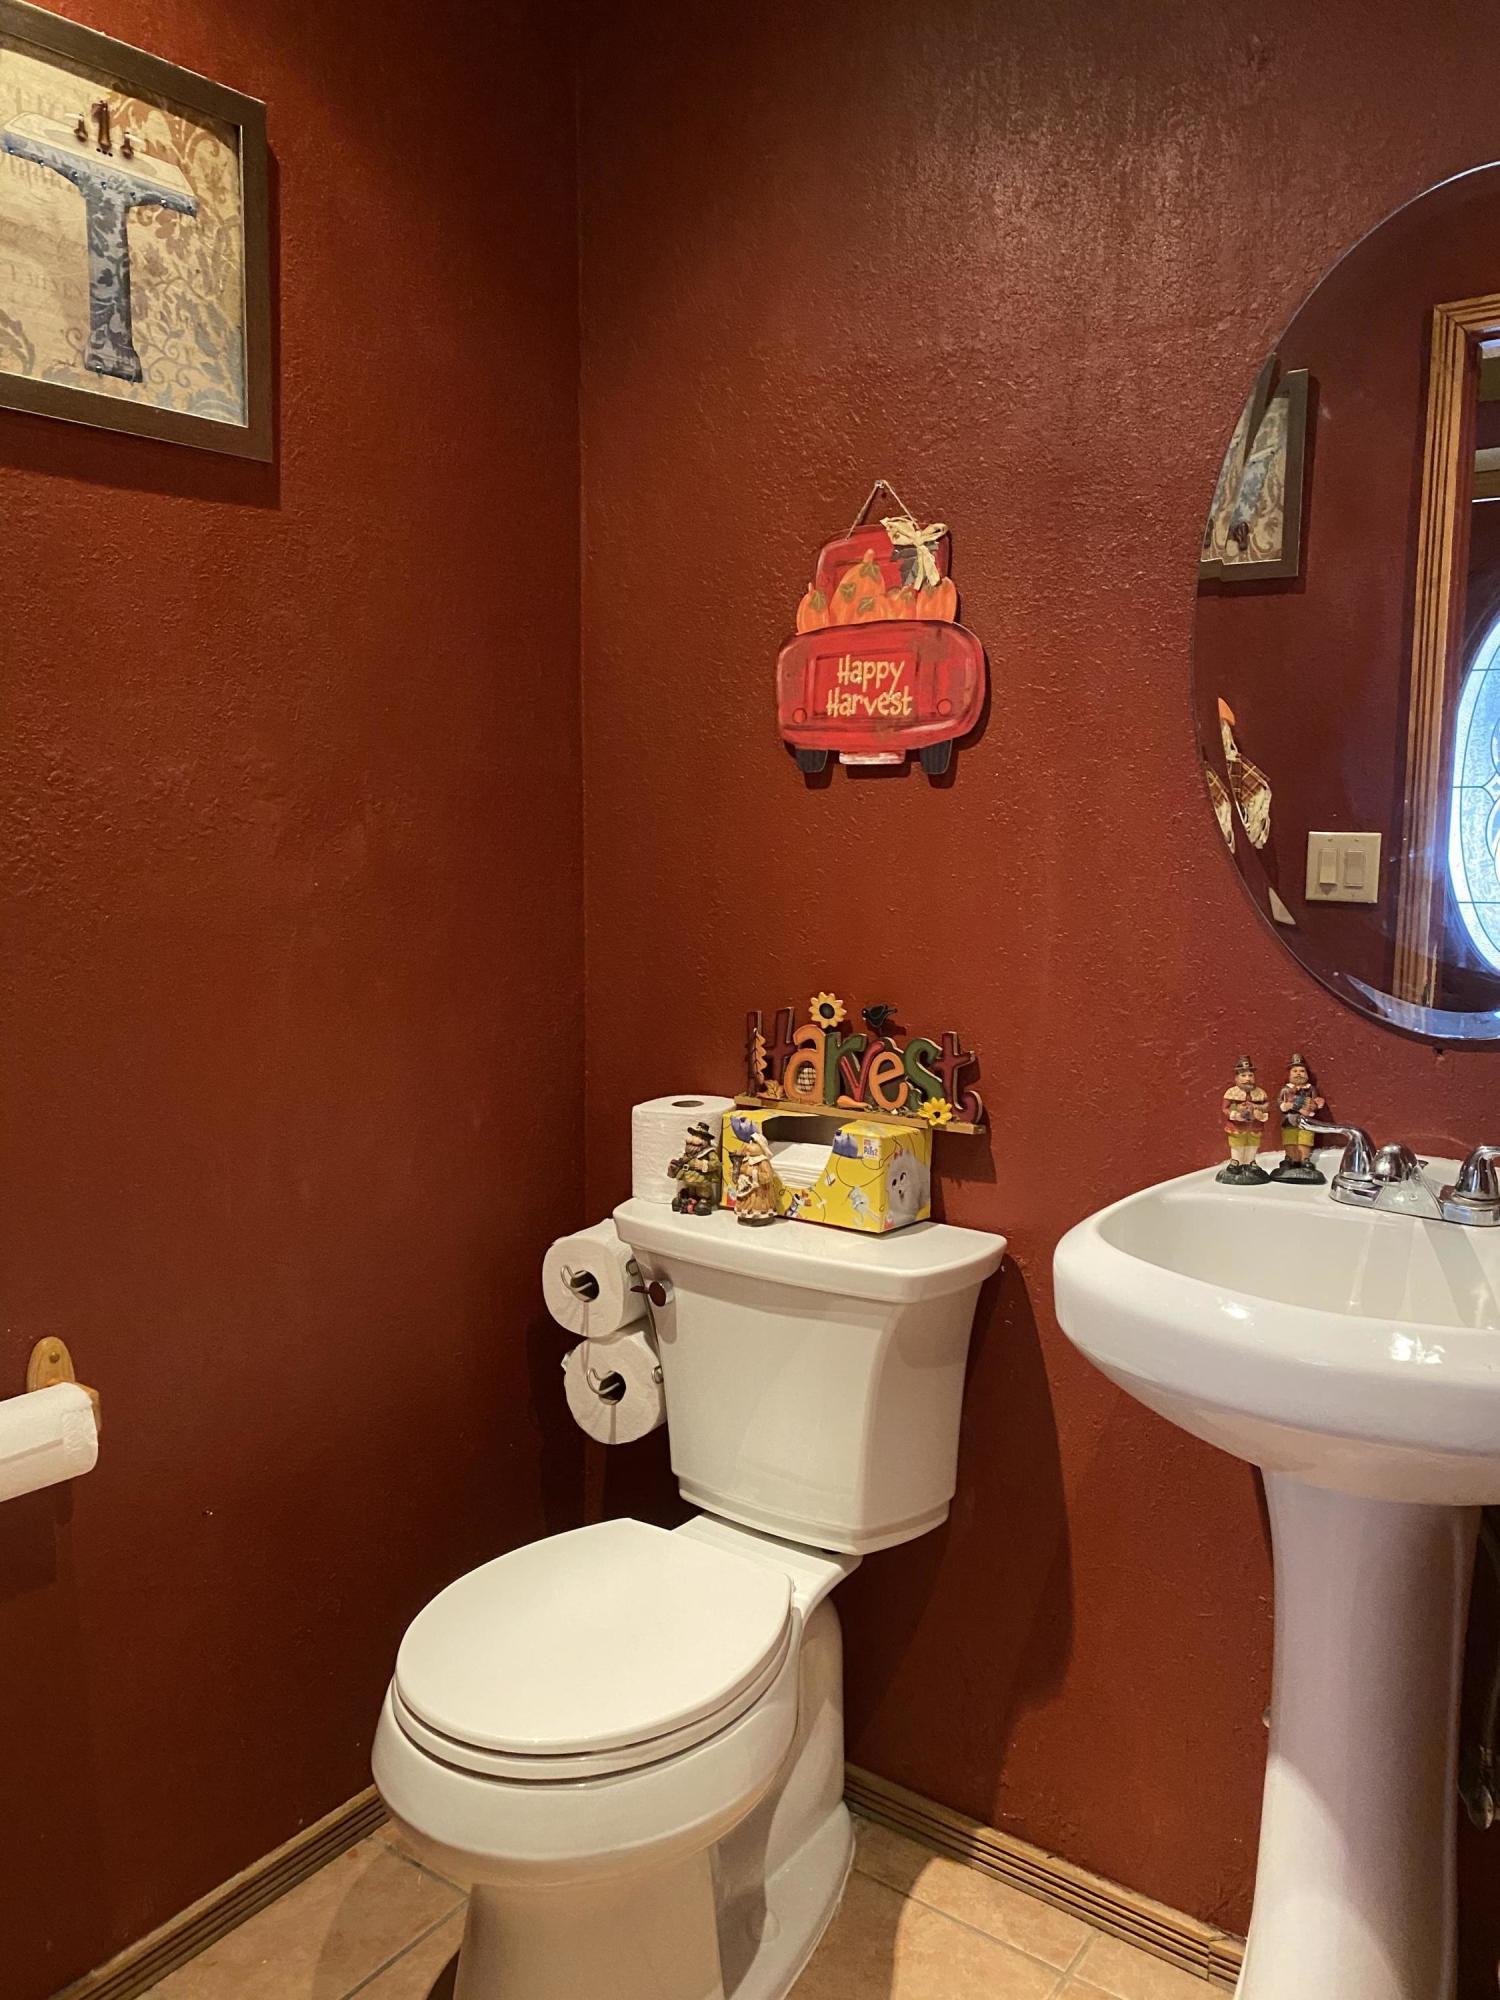 2018 Rogelio, El Paso, Texas 79902, 2 Bedrooms Bedrooms, ,3 BathroomsBathrooms,Residential,For sale,Rogelio,839505